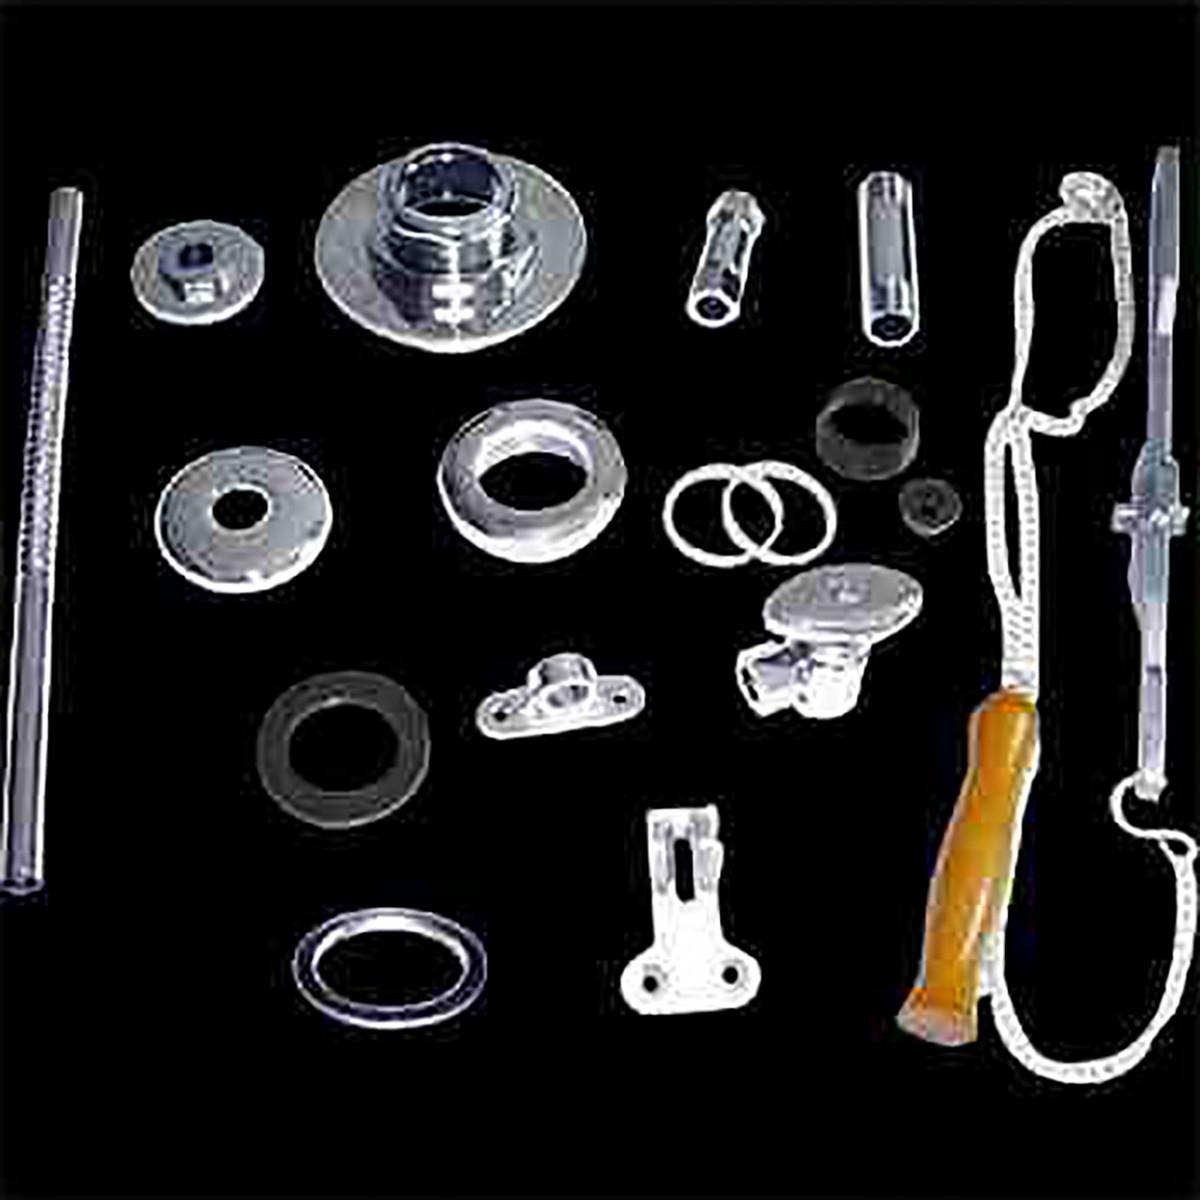 Toilet Part Chrome Part for High Tank Toilets High Tank Toilet Parts Pull Chain Toilet Parts Toilet Repair Parts